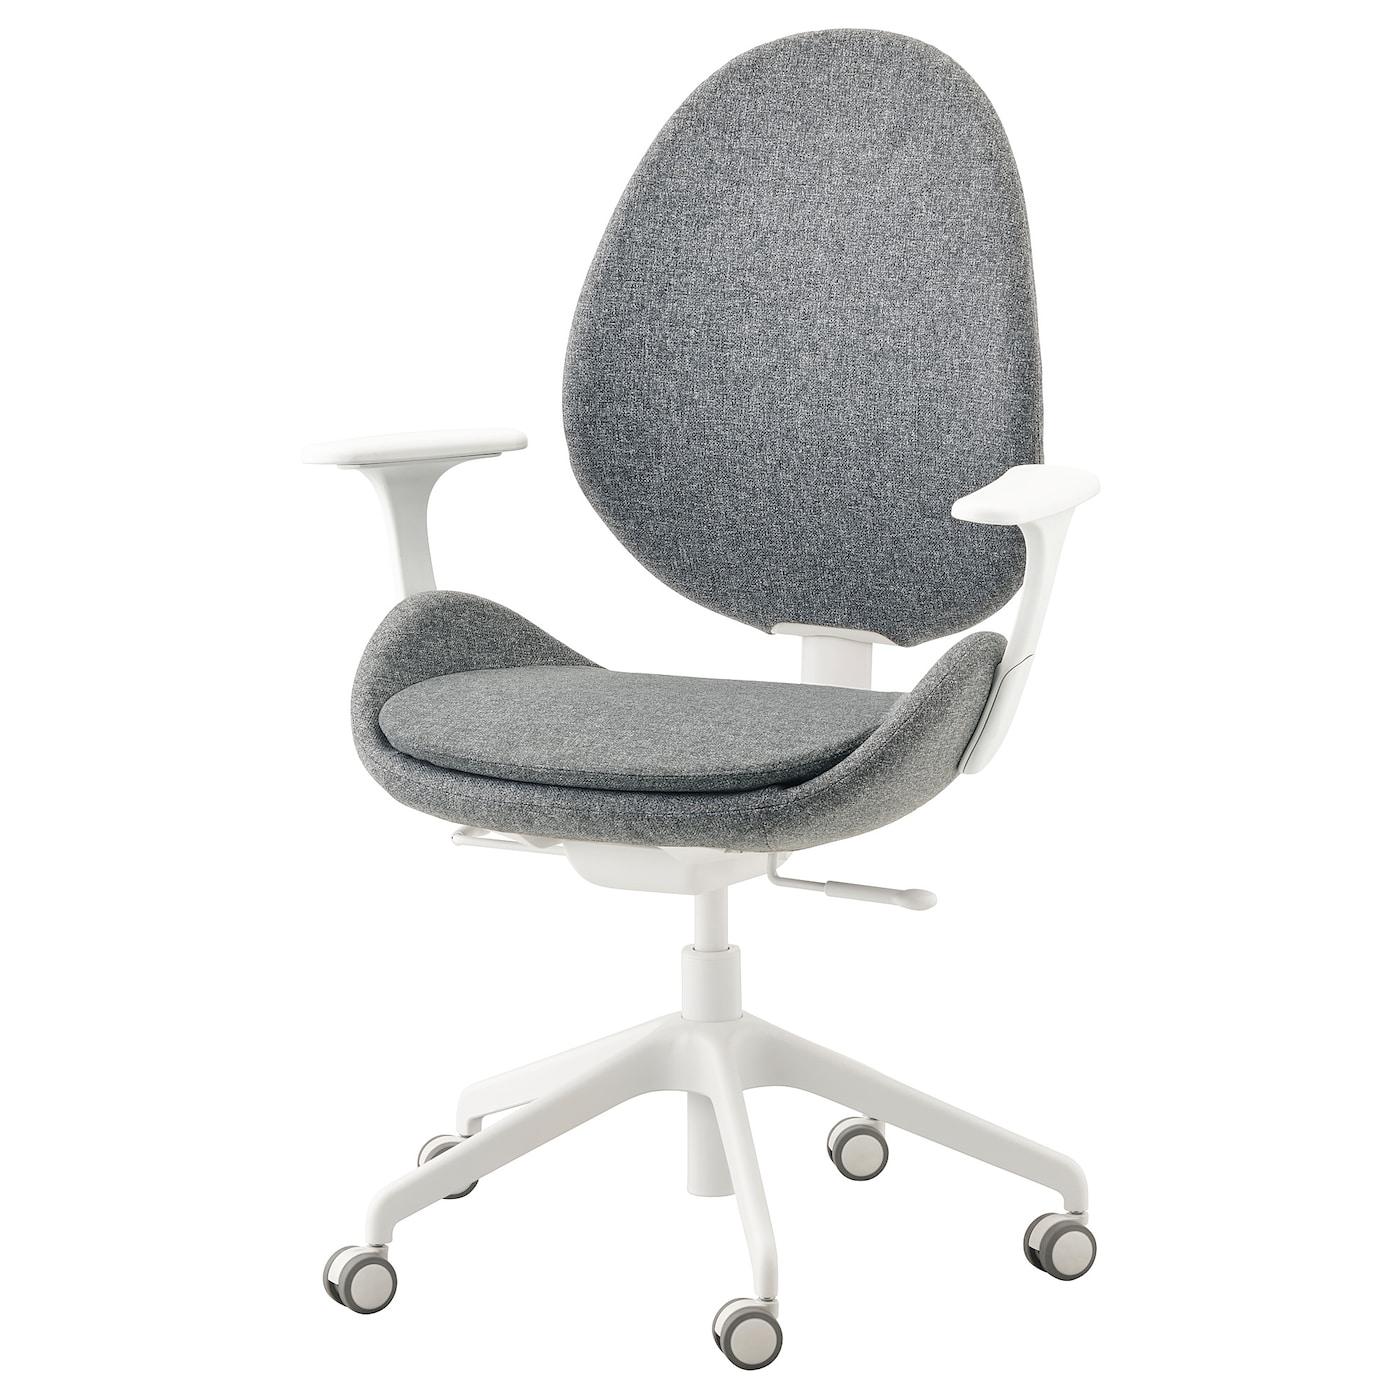 HATTEFJÄLL Irodai szék karfákkal, Gunnared középszürke